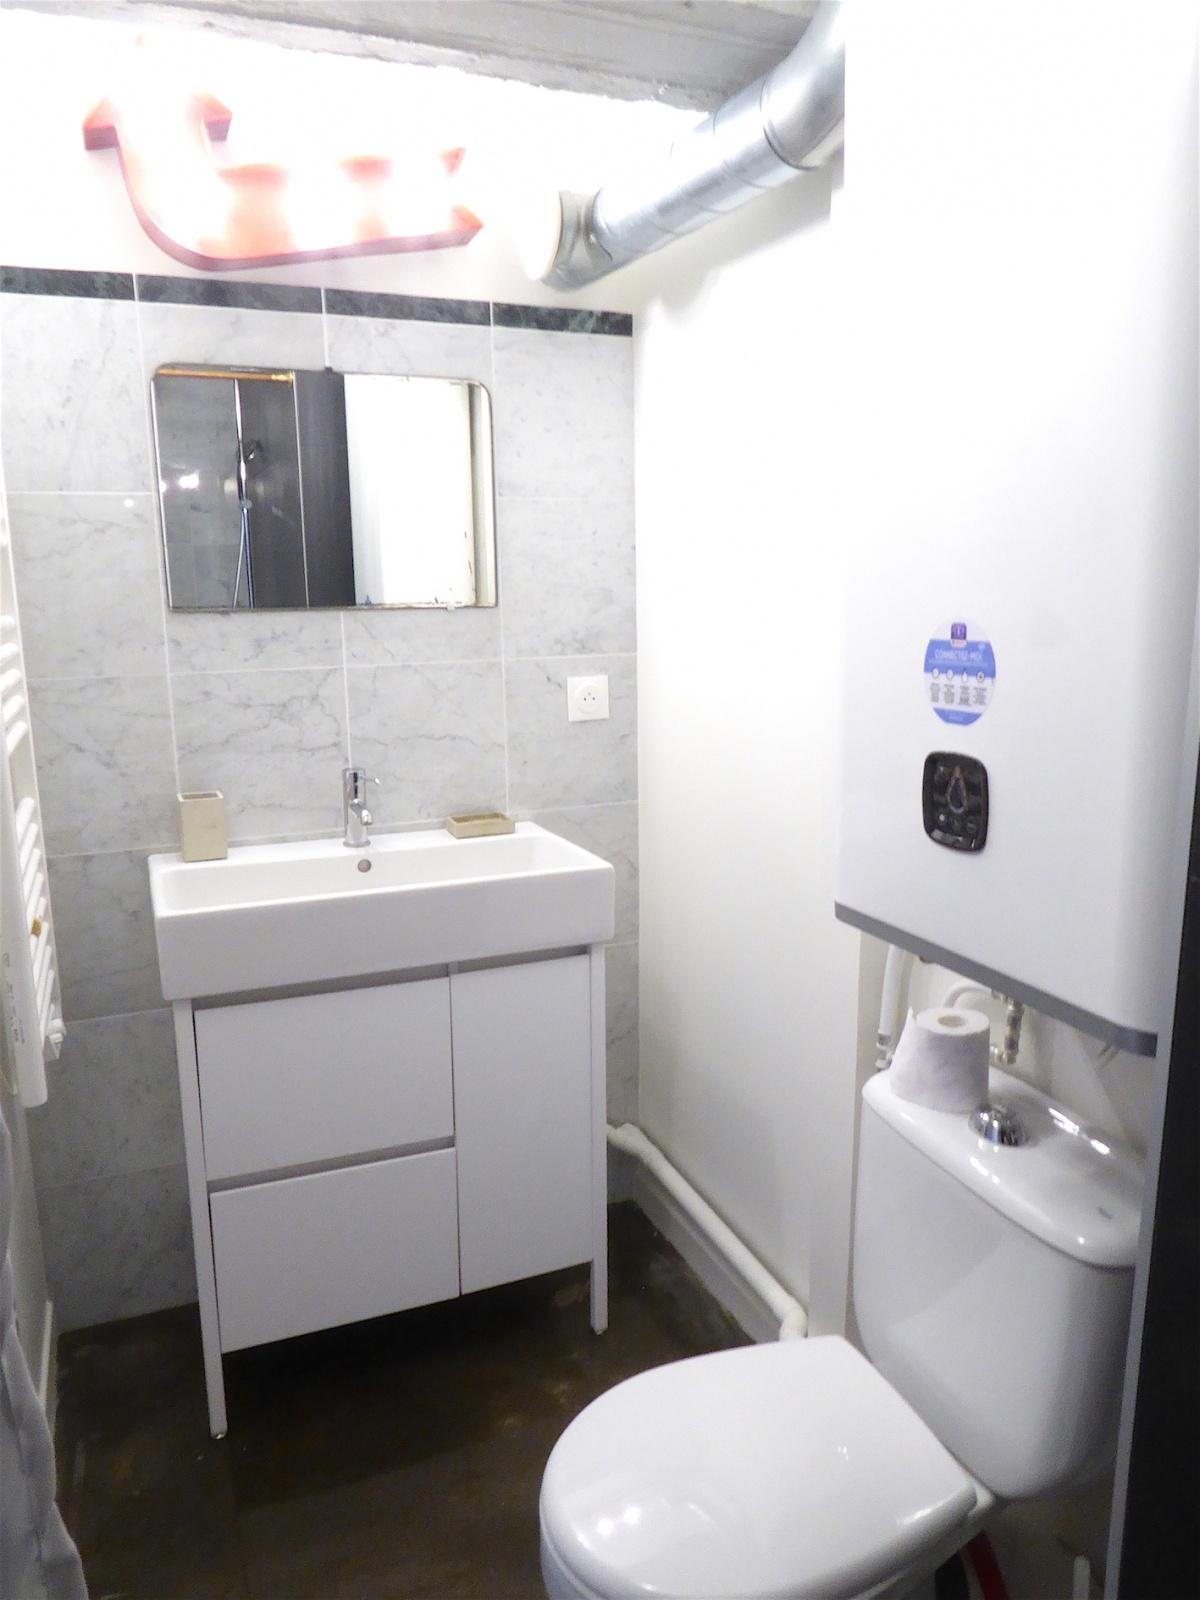 les bureaux 2011 : Salle d'eau du penthouse